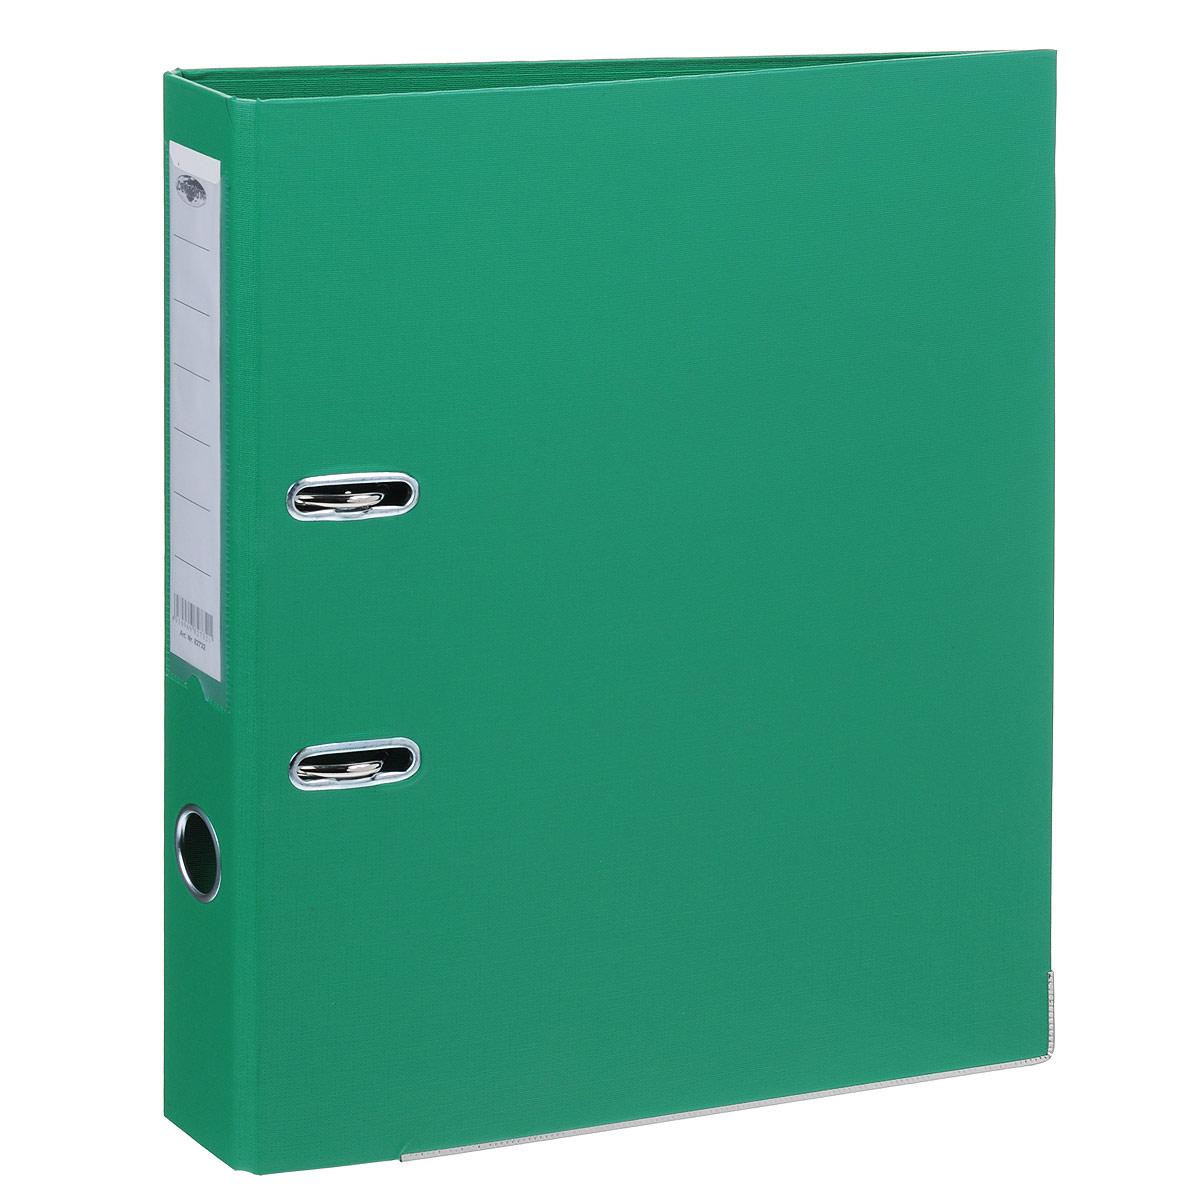 Папка-регистратор Centrum, ширина корешка 50 мм, цвет: зеленый82732Папка-регистратор Centrum пригодится в каждом офисе и доме для хранения больших объемов документов. Внешняя сторона папки выполнена из плотного картона с двусторонним ПВХ-покрытием, что обеспечивает устойчивость к влаге и износу. Нижняя кромка папки защищена от истирания металлической окантовкой.Папка-регистратор оснащена надежным арочным механизмом крепления бумаги. Круглое отверстие в корешке папки облегчит ее извлечение с полки, а прозрачный карман со съемной этикеткой позволяет маркировать содержимое. Ширина корешка 5 см.